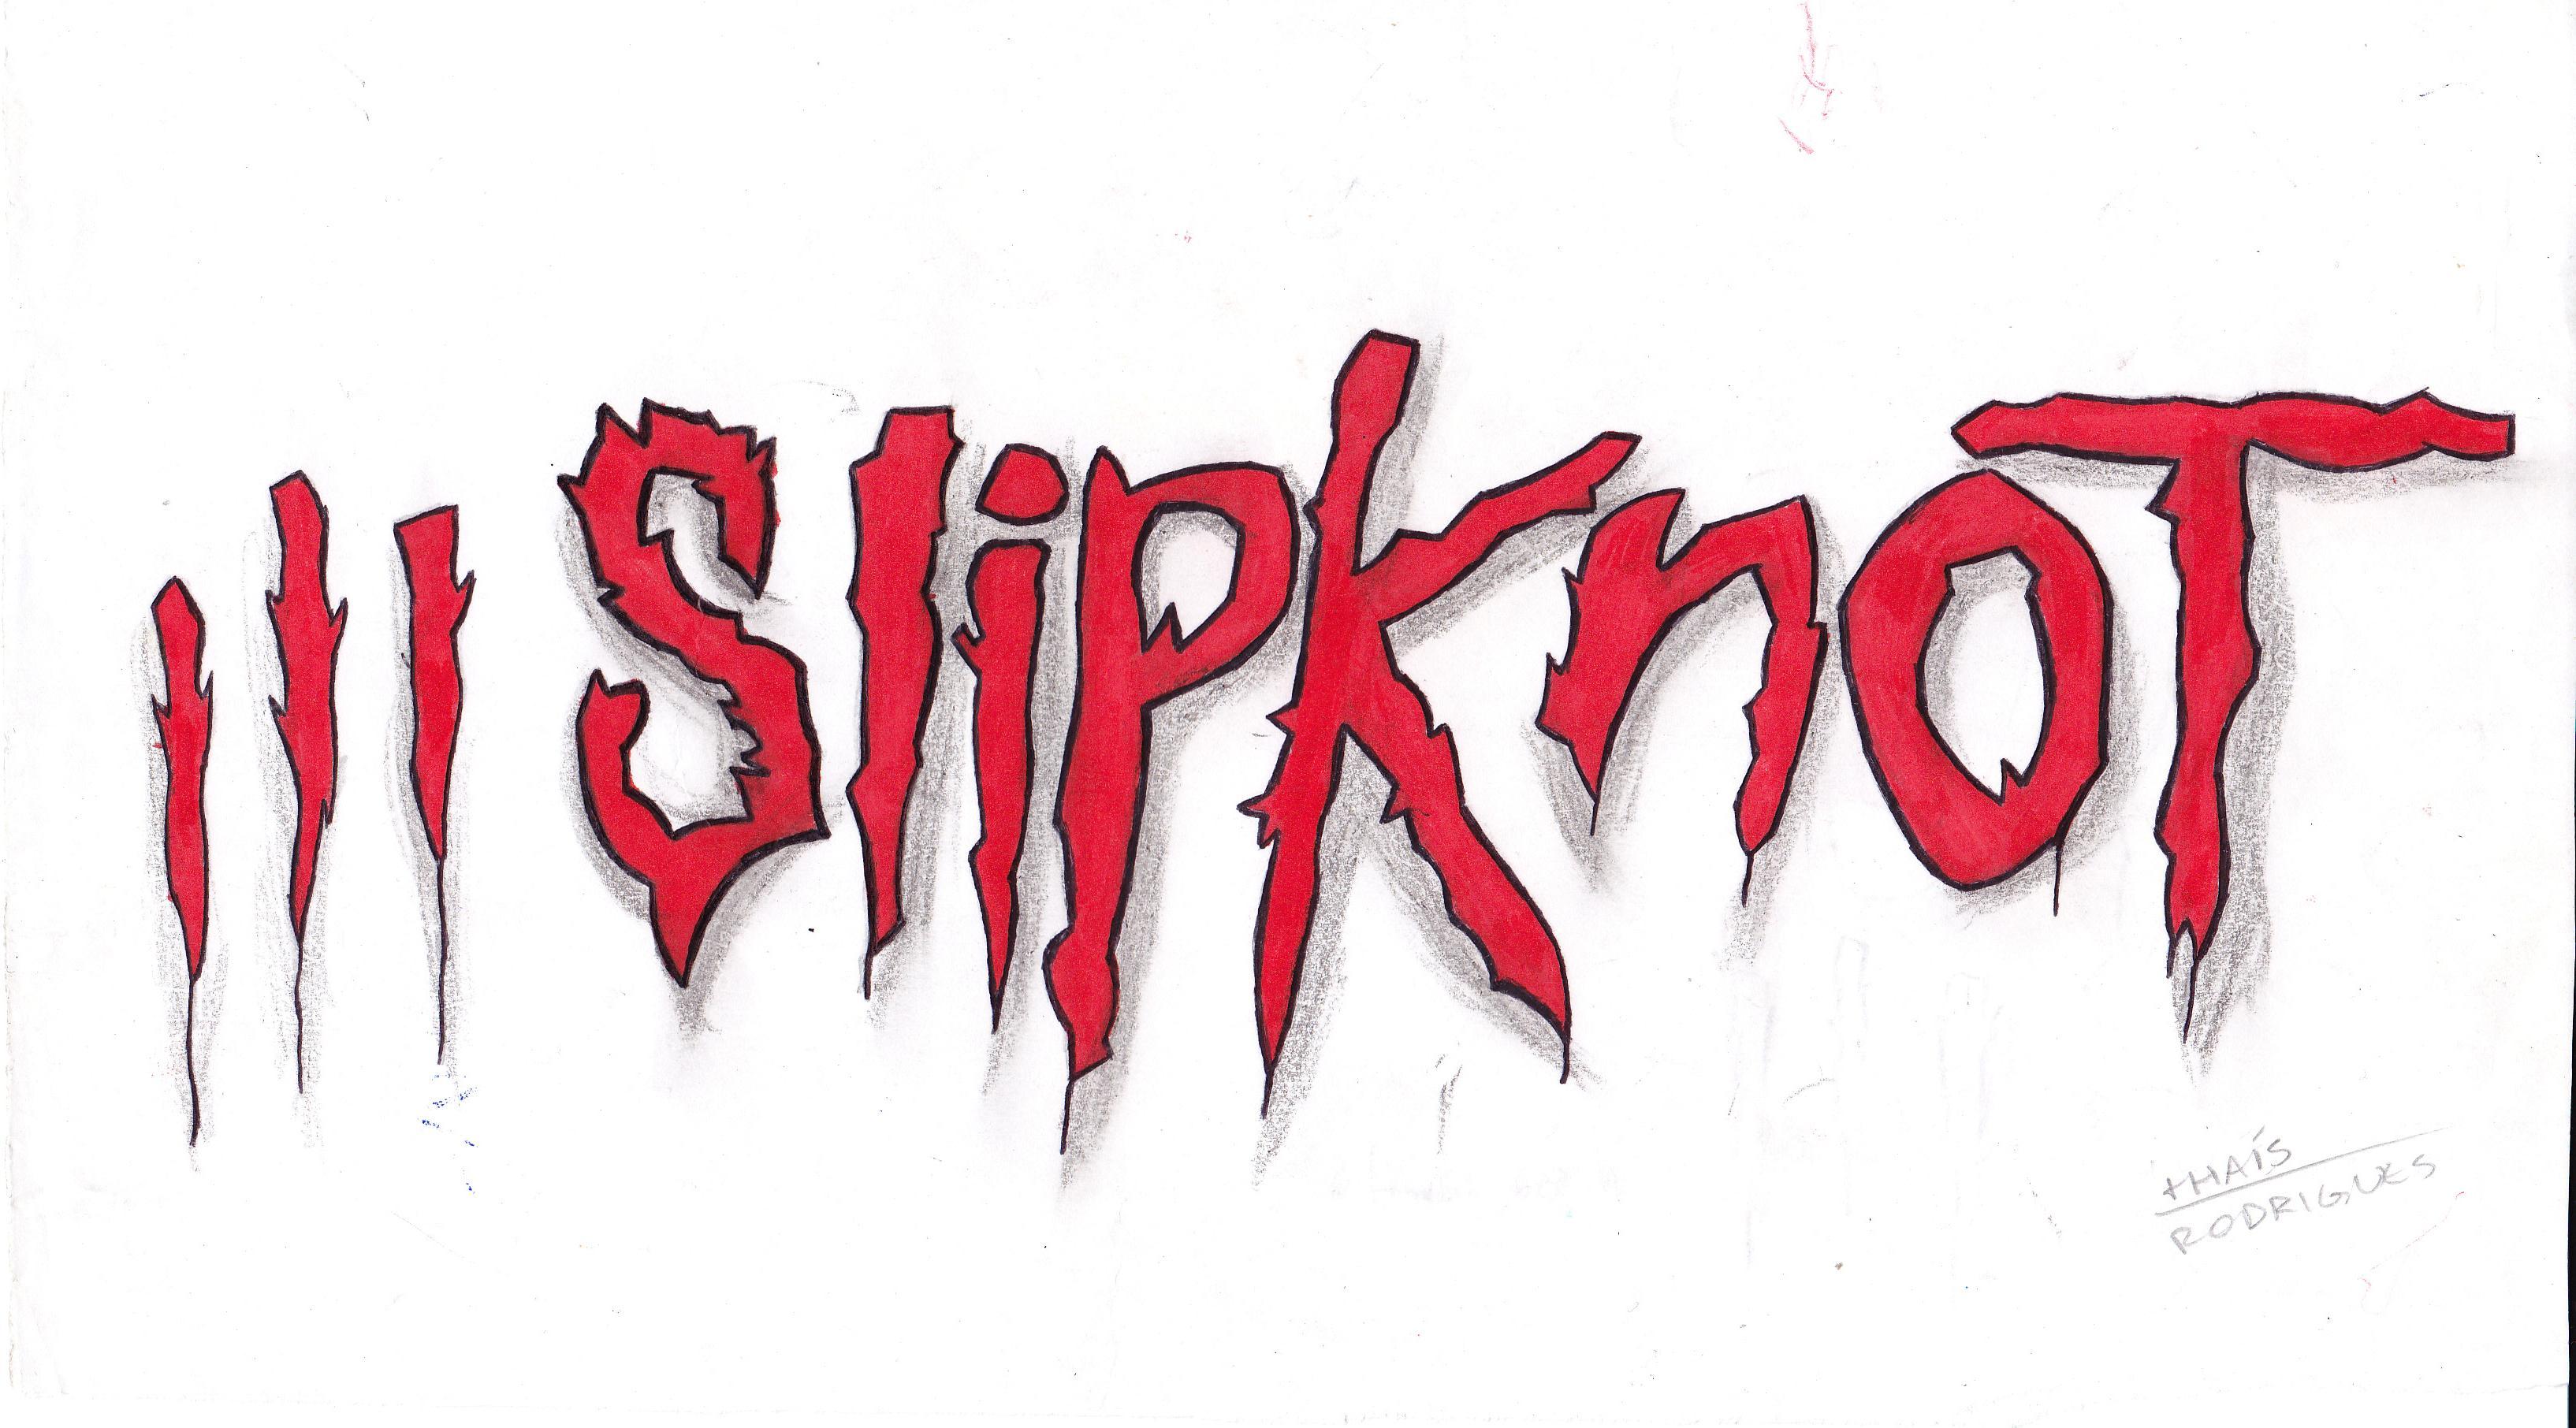 red slipknot symbol